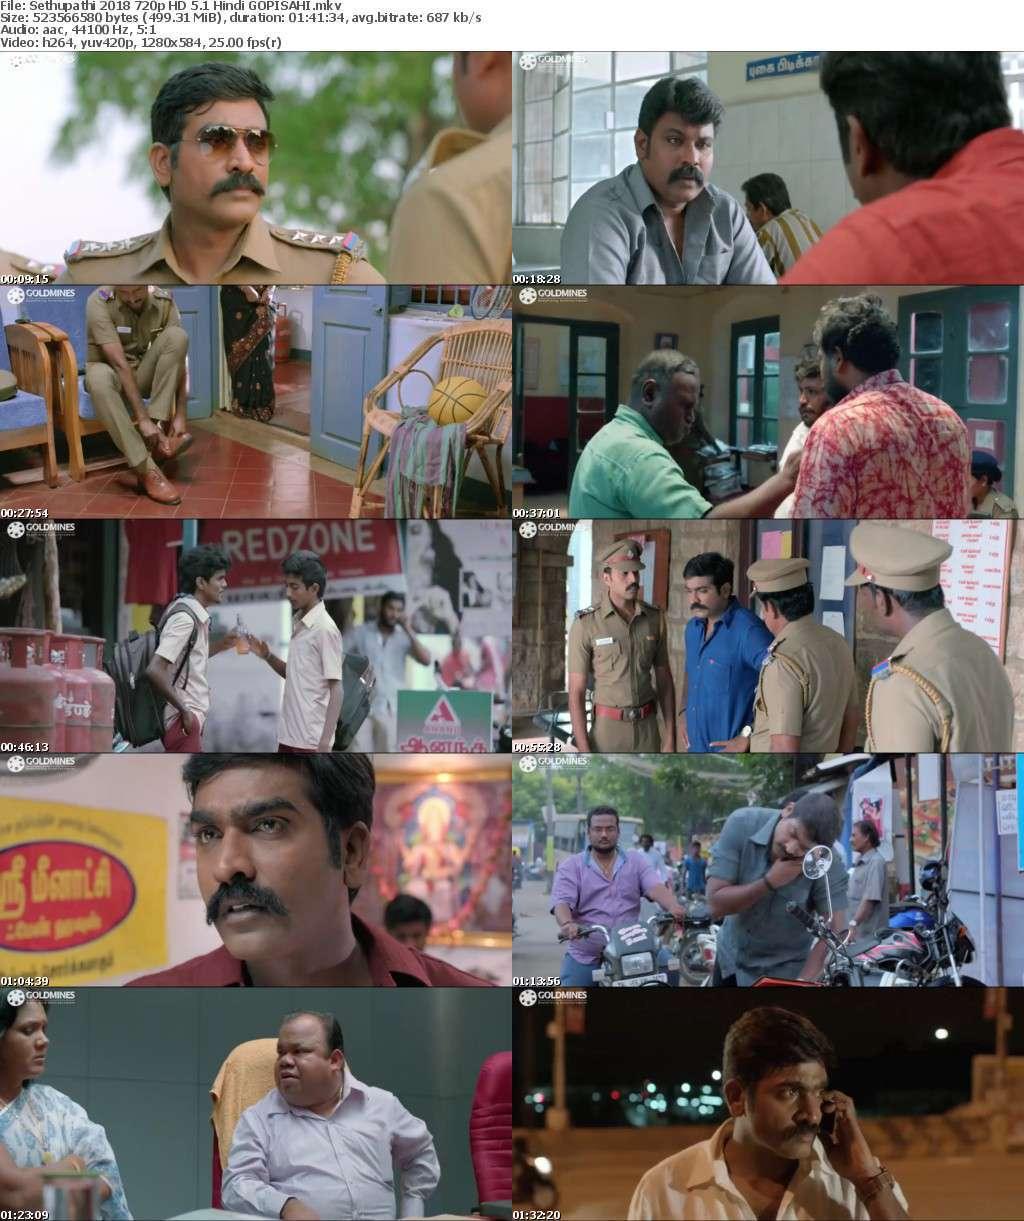 Sethupathi 2018 720p HD 5 1 Hindi GOPISAHI